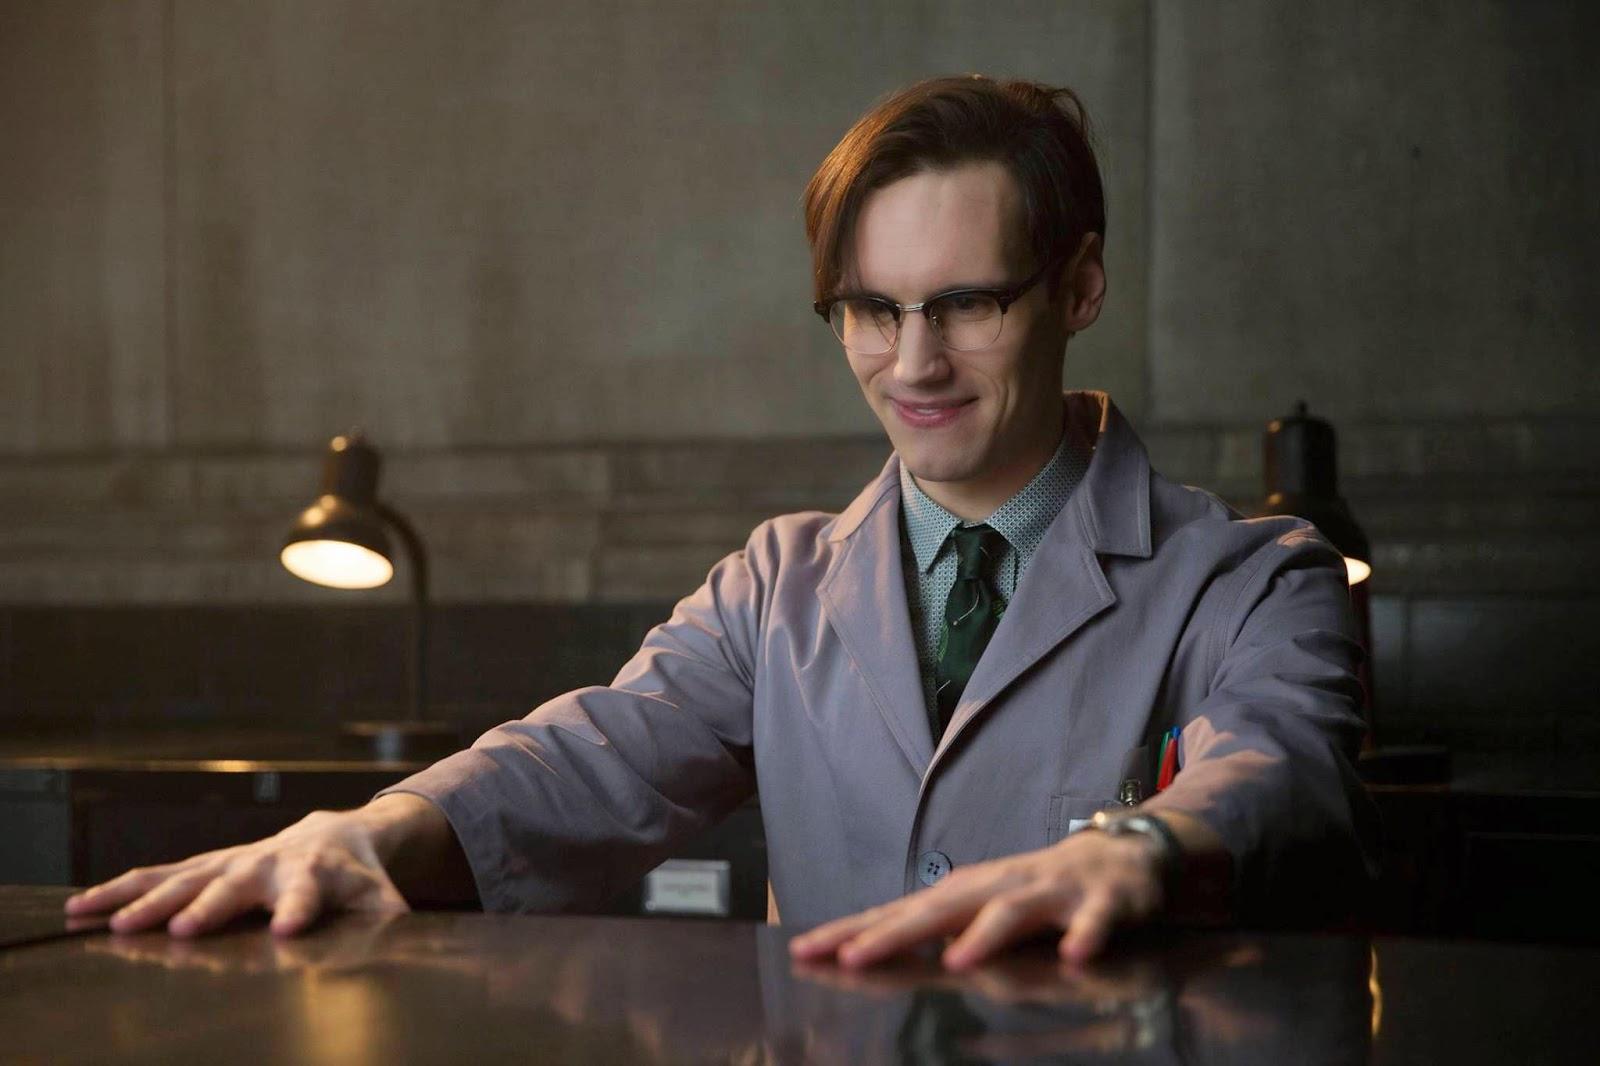 【美劇心得】《Gotham:高譚市》第一季結局完結篇影評:混亂的決戰時刻 - 黑咖啡聊美劇